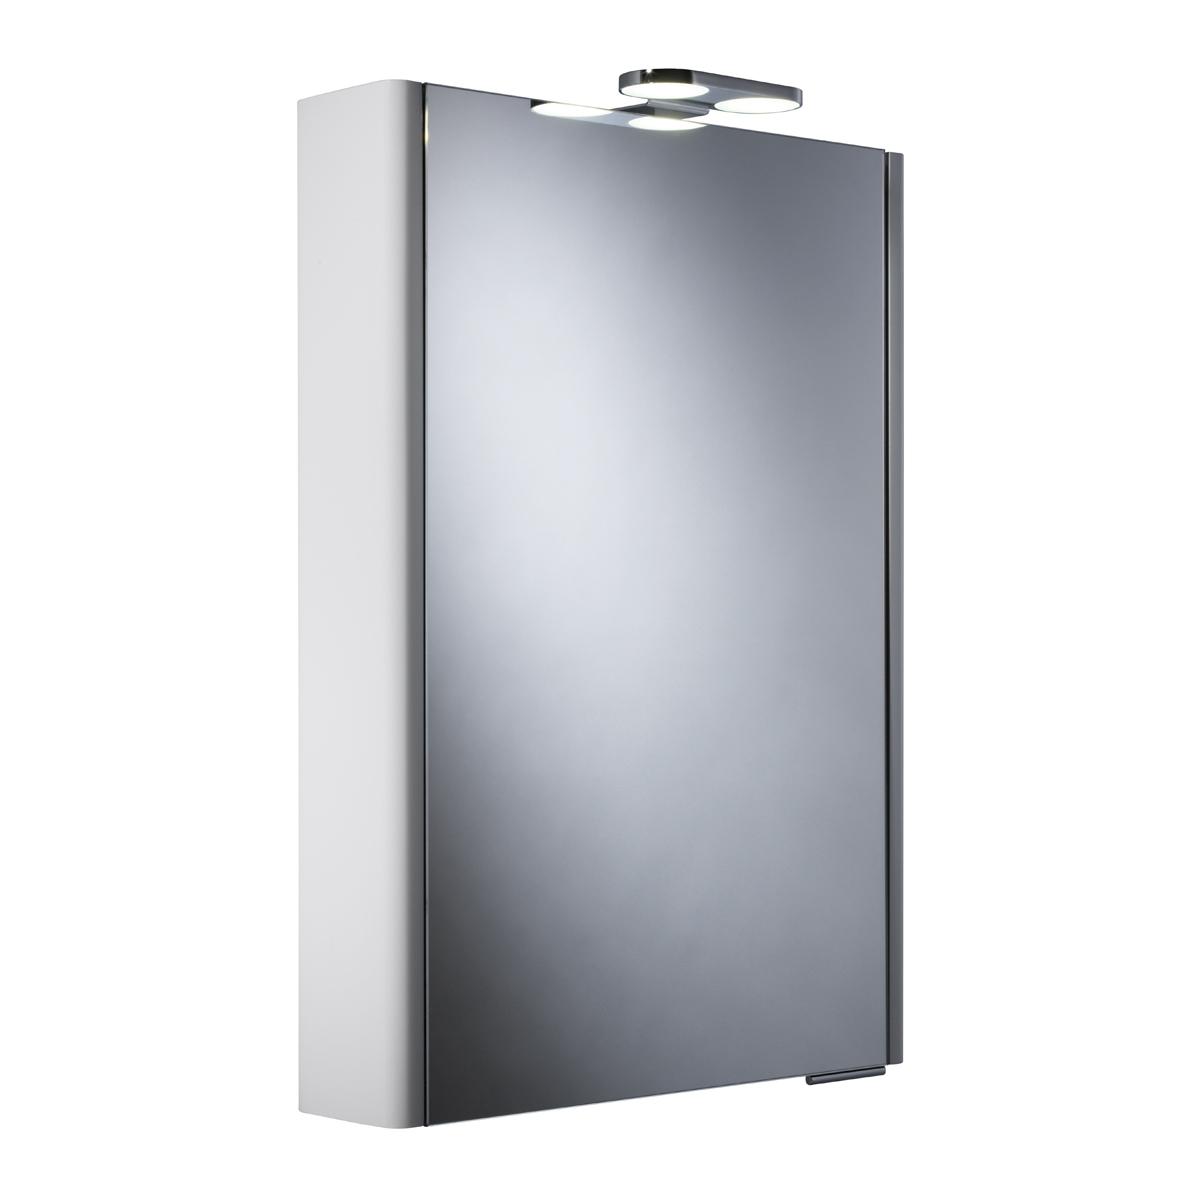 Bathroom & Shower Specialists - Online Bathroom Retailer UK